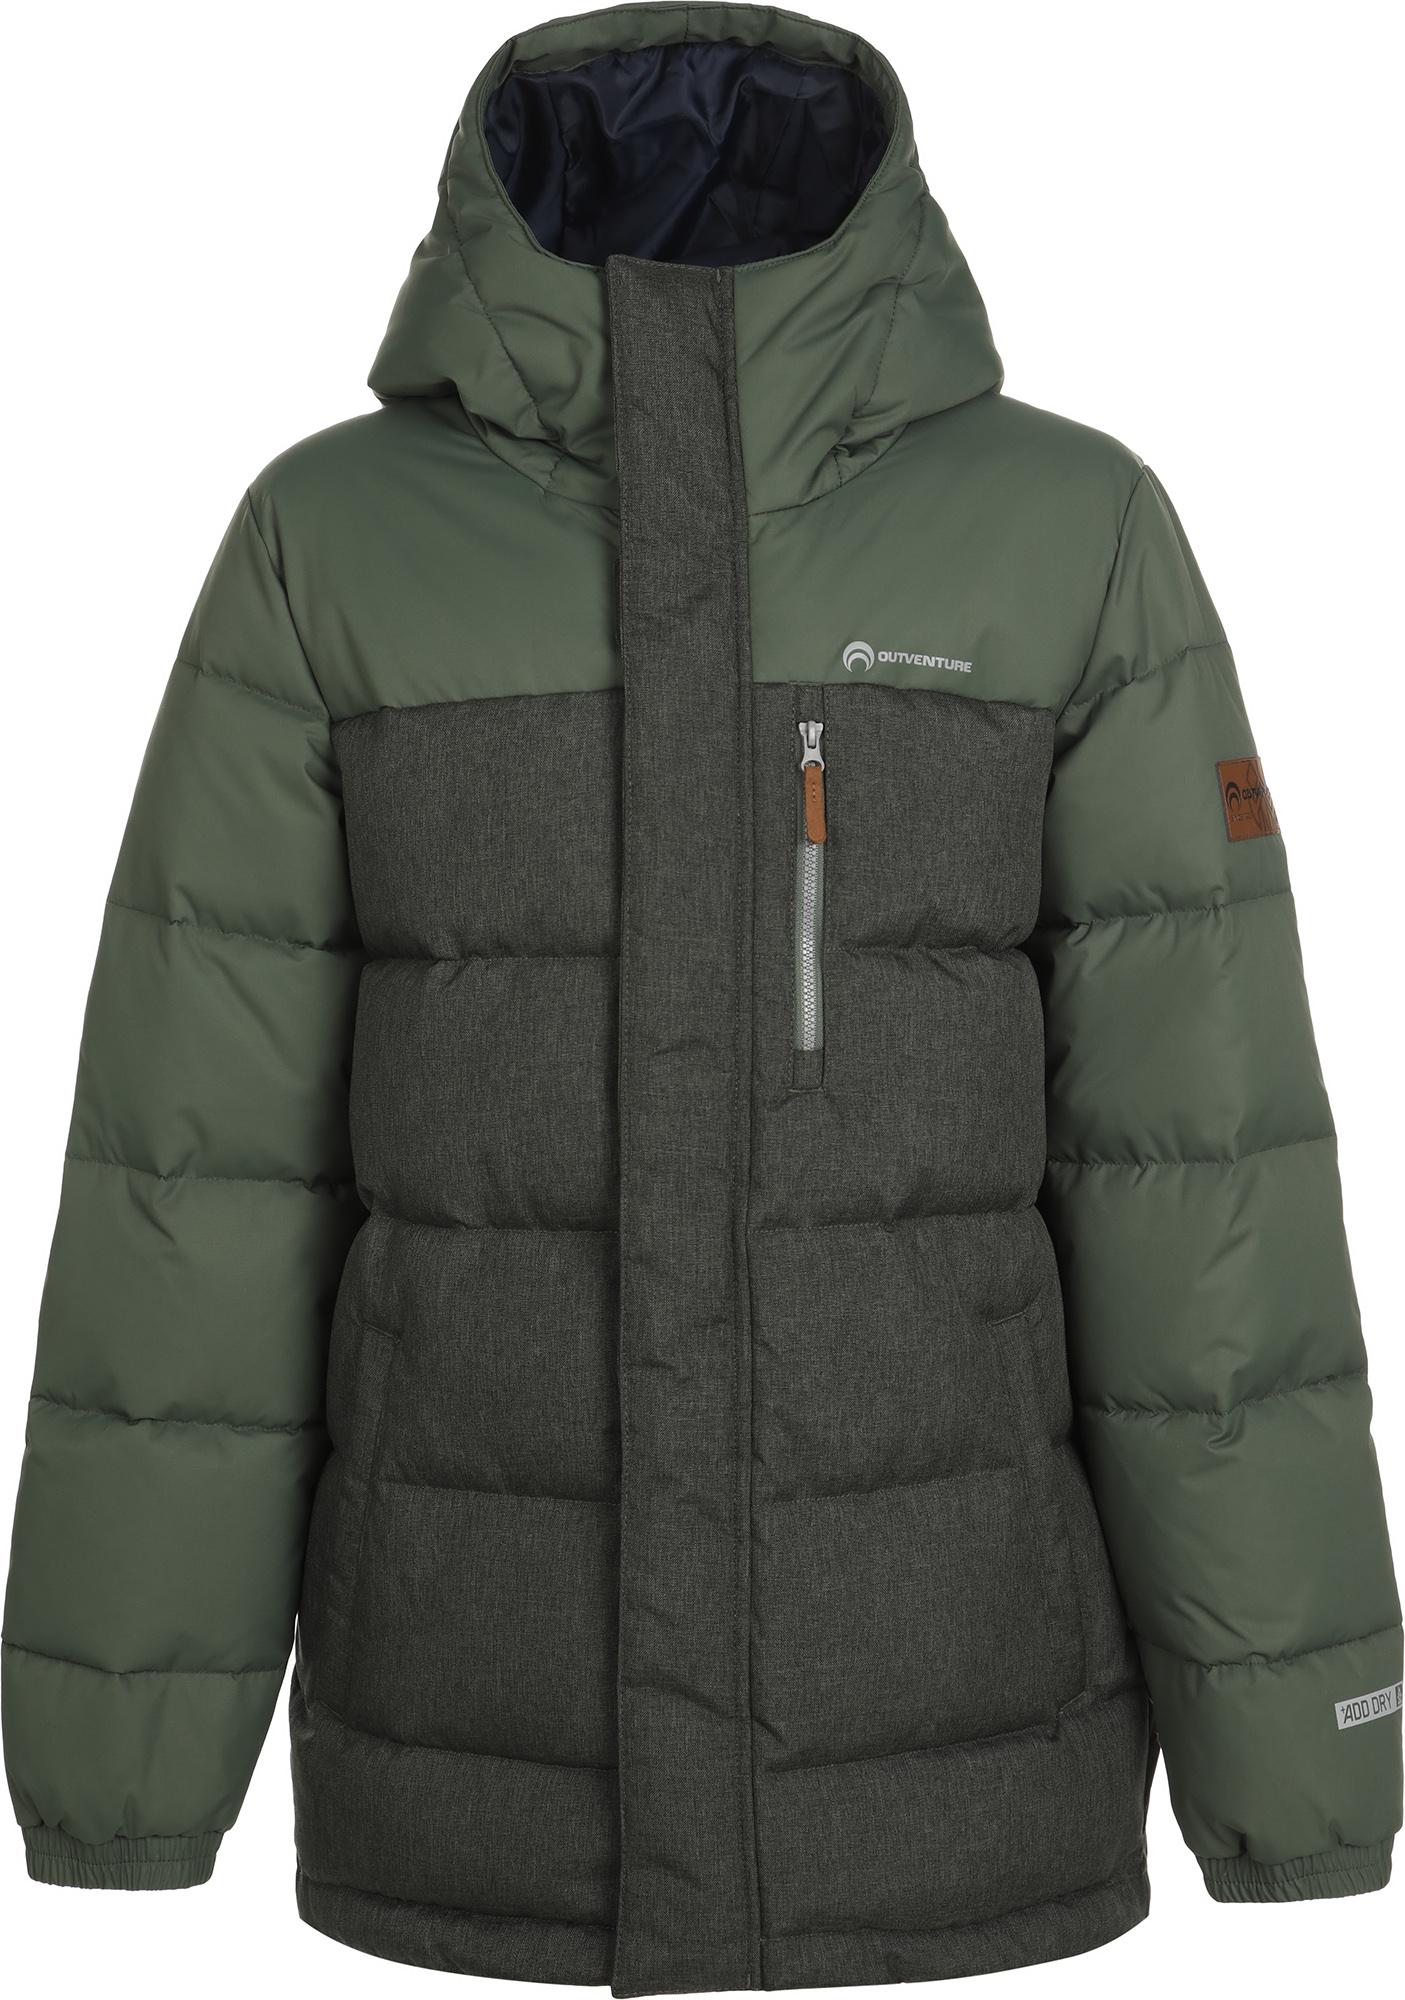 Фото - Outventure Куртка утепленная для мальчиков Outventure, размер 140 outventure куртка утепленная мужская outventure размер 50